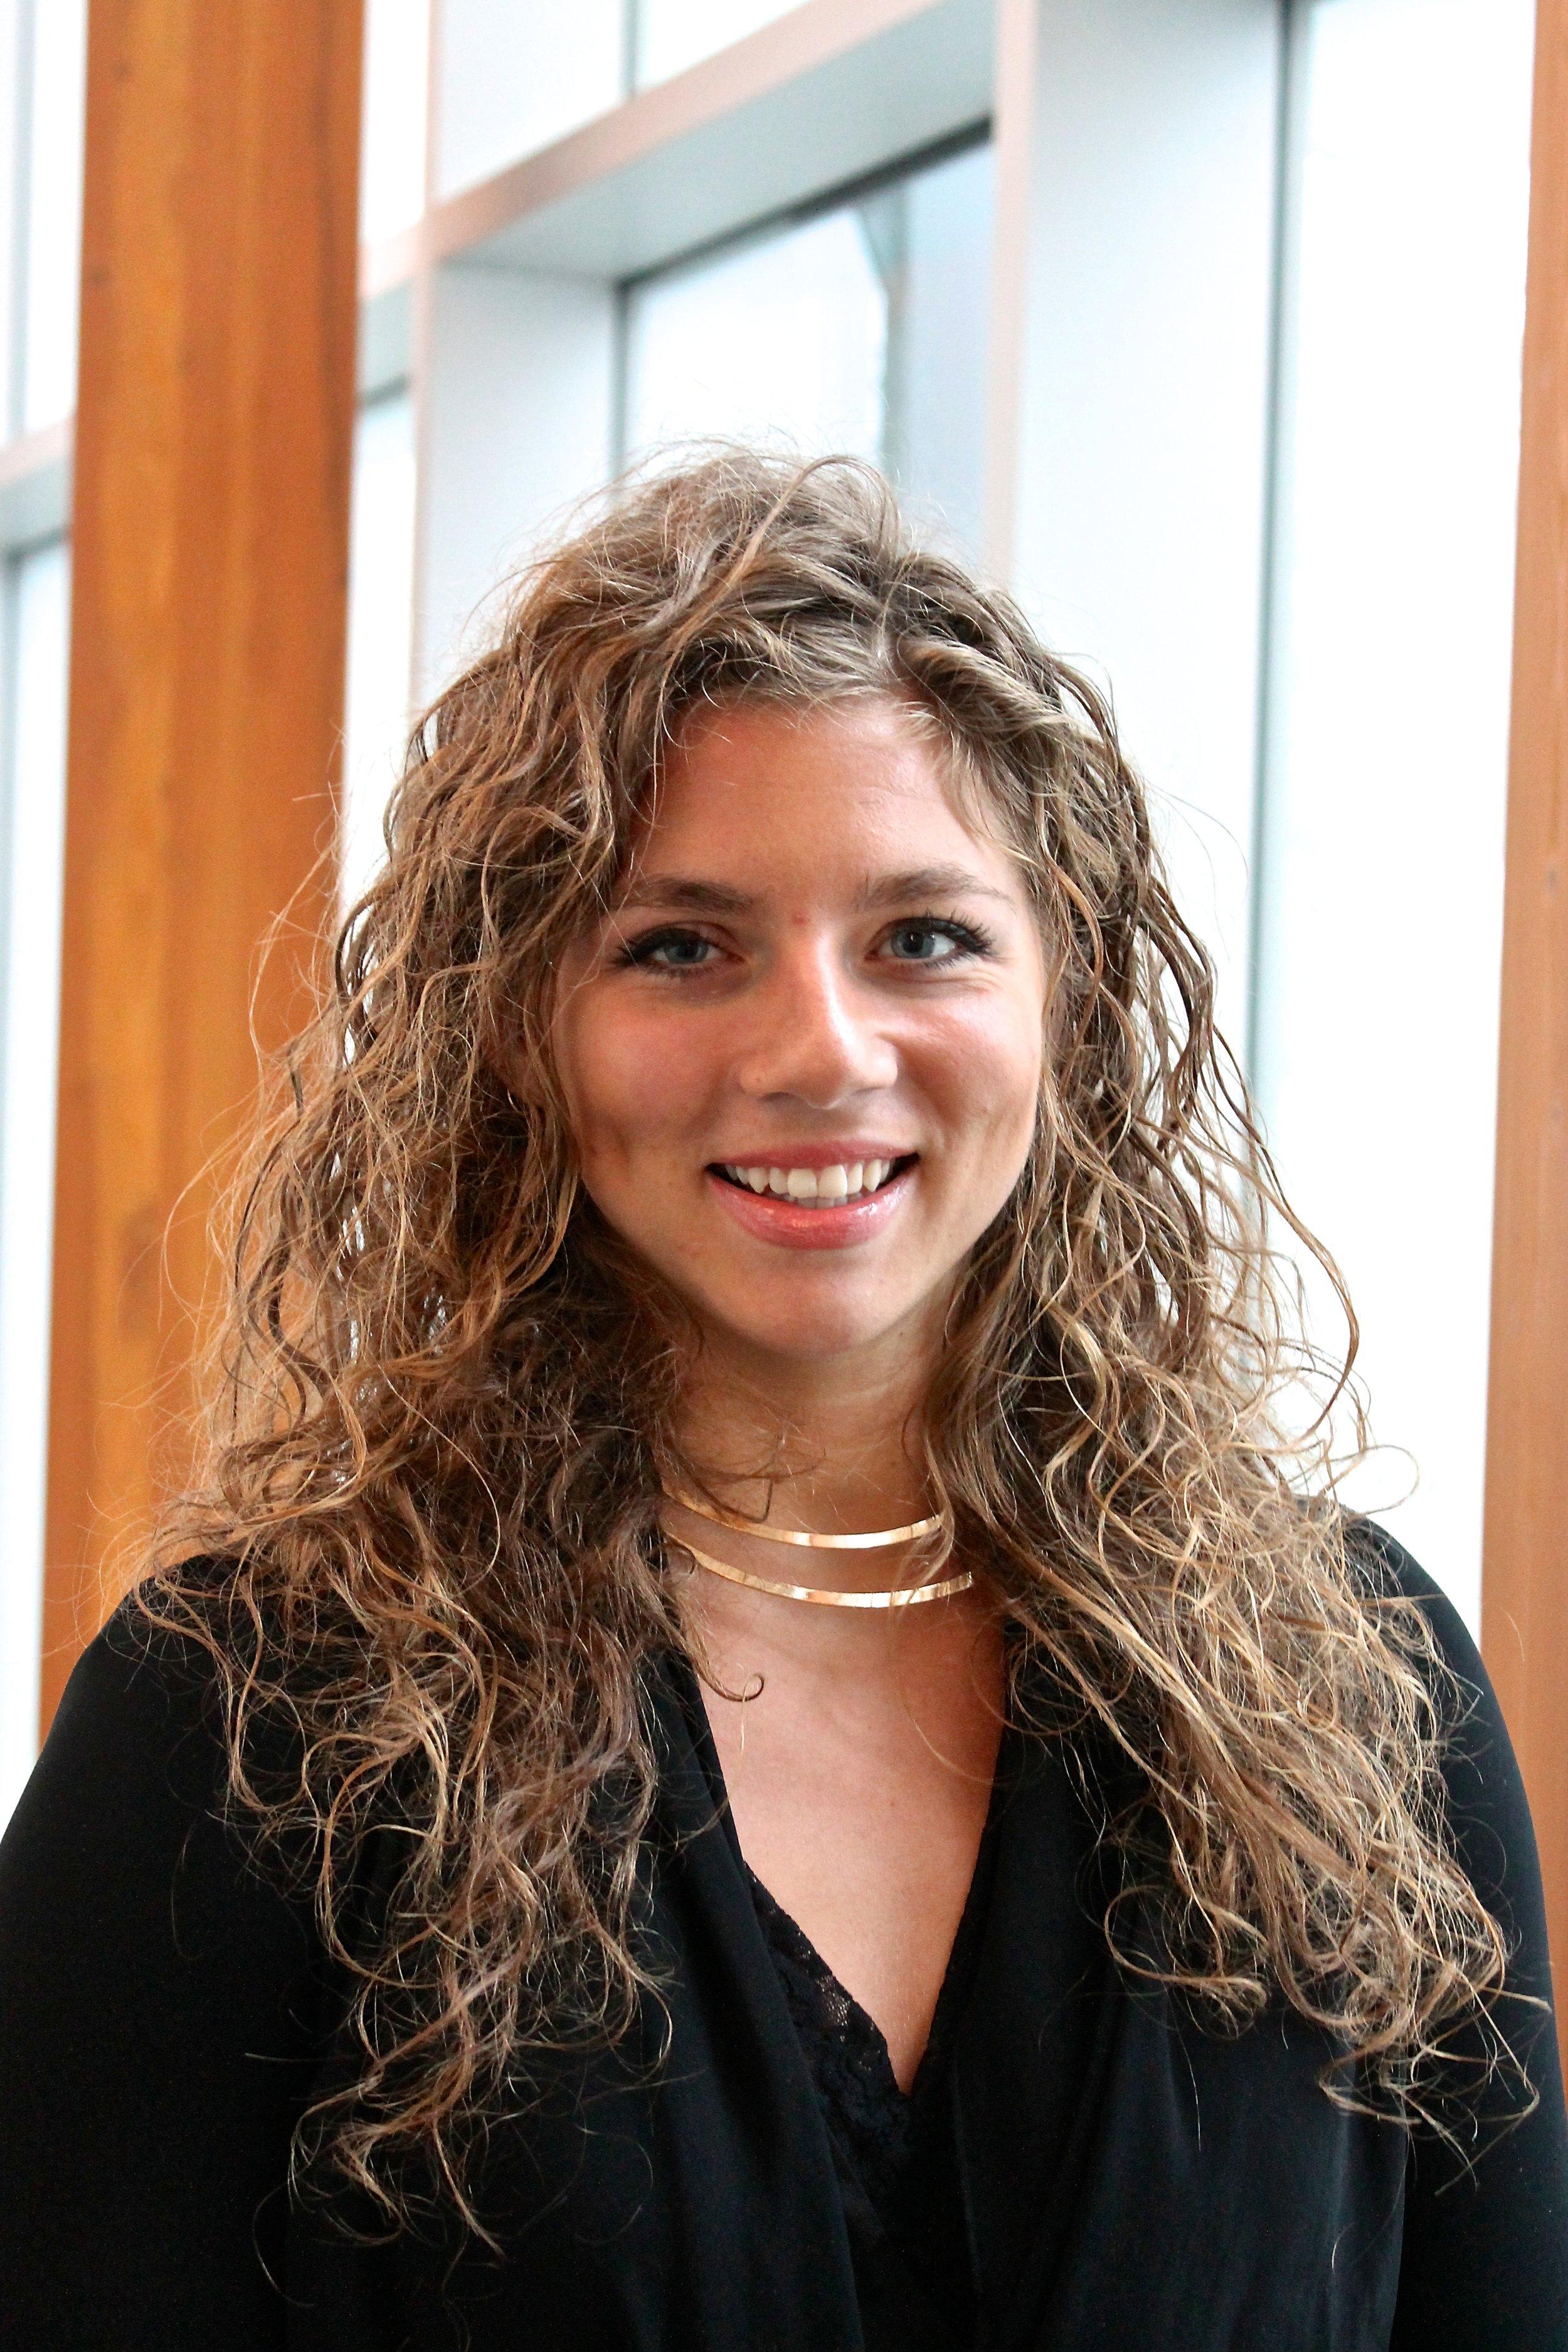 Terralynn Forsyth  |  Founder & Former Editor-In-Chief